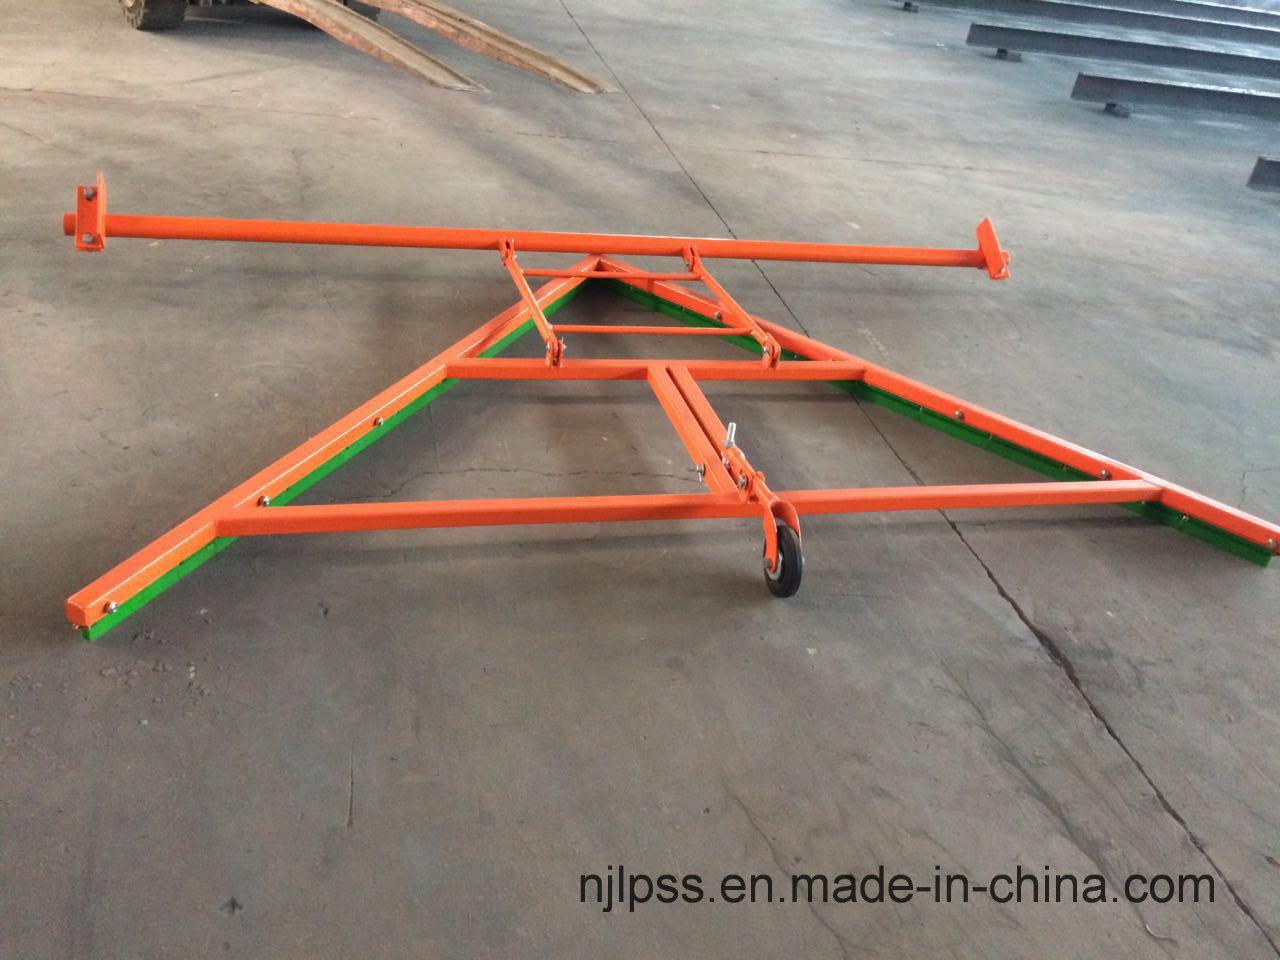 Belt Cleaner Scraper for Conveyor Belts (V Type)